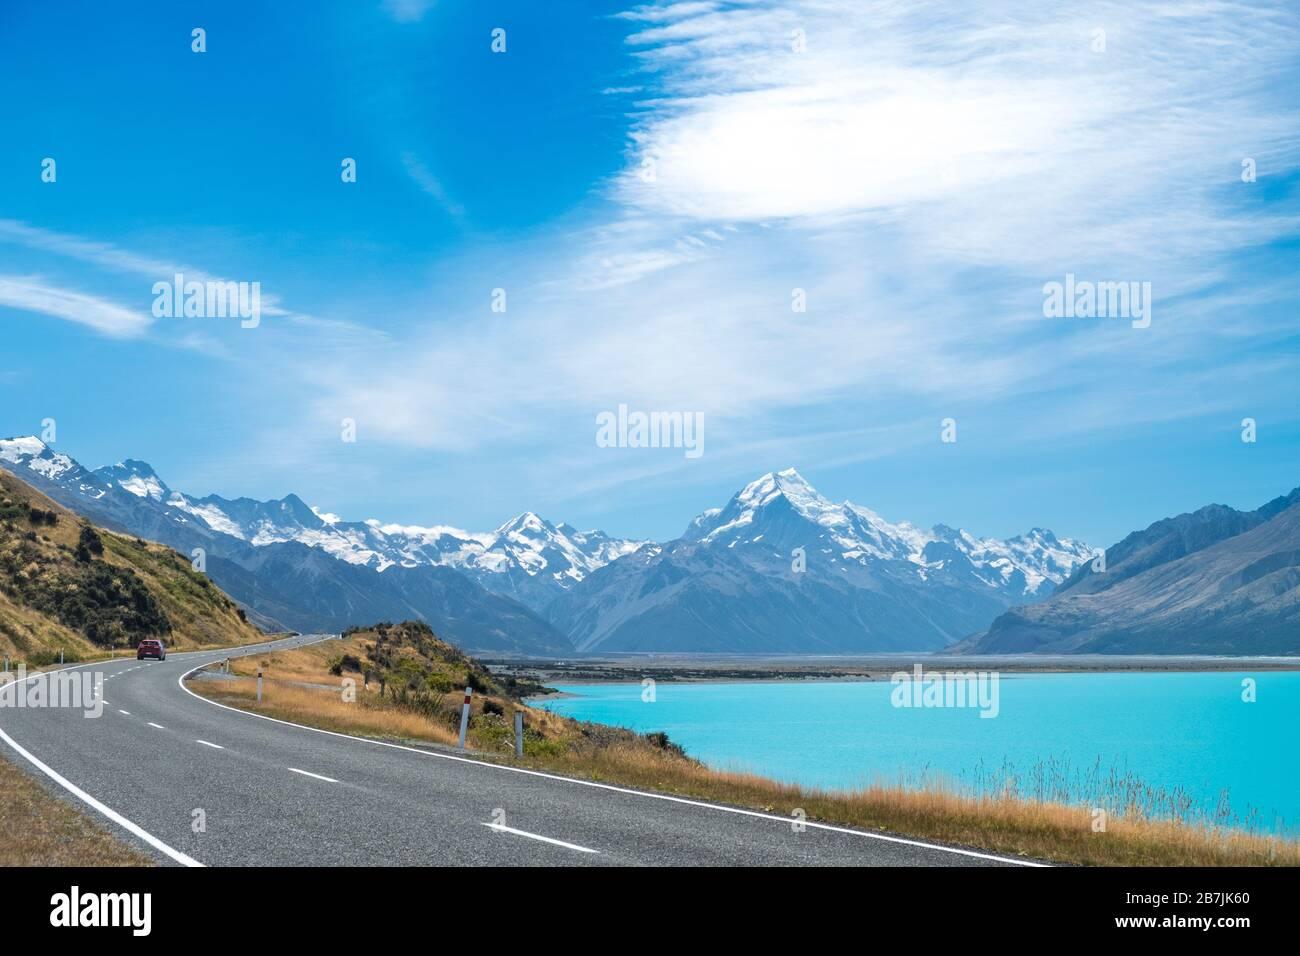 Route et lac Pukaki en direction du parc national du Mont Cook , île du Sud, Nouvelle-Zélande Banque D'Images